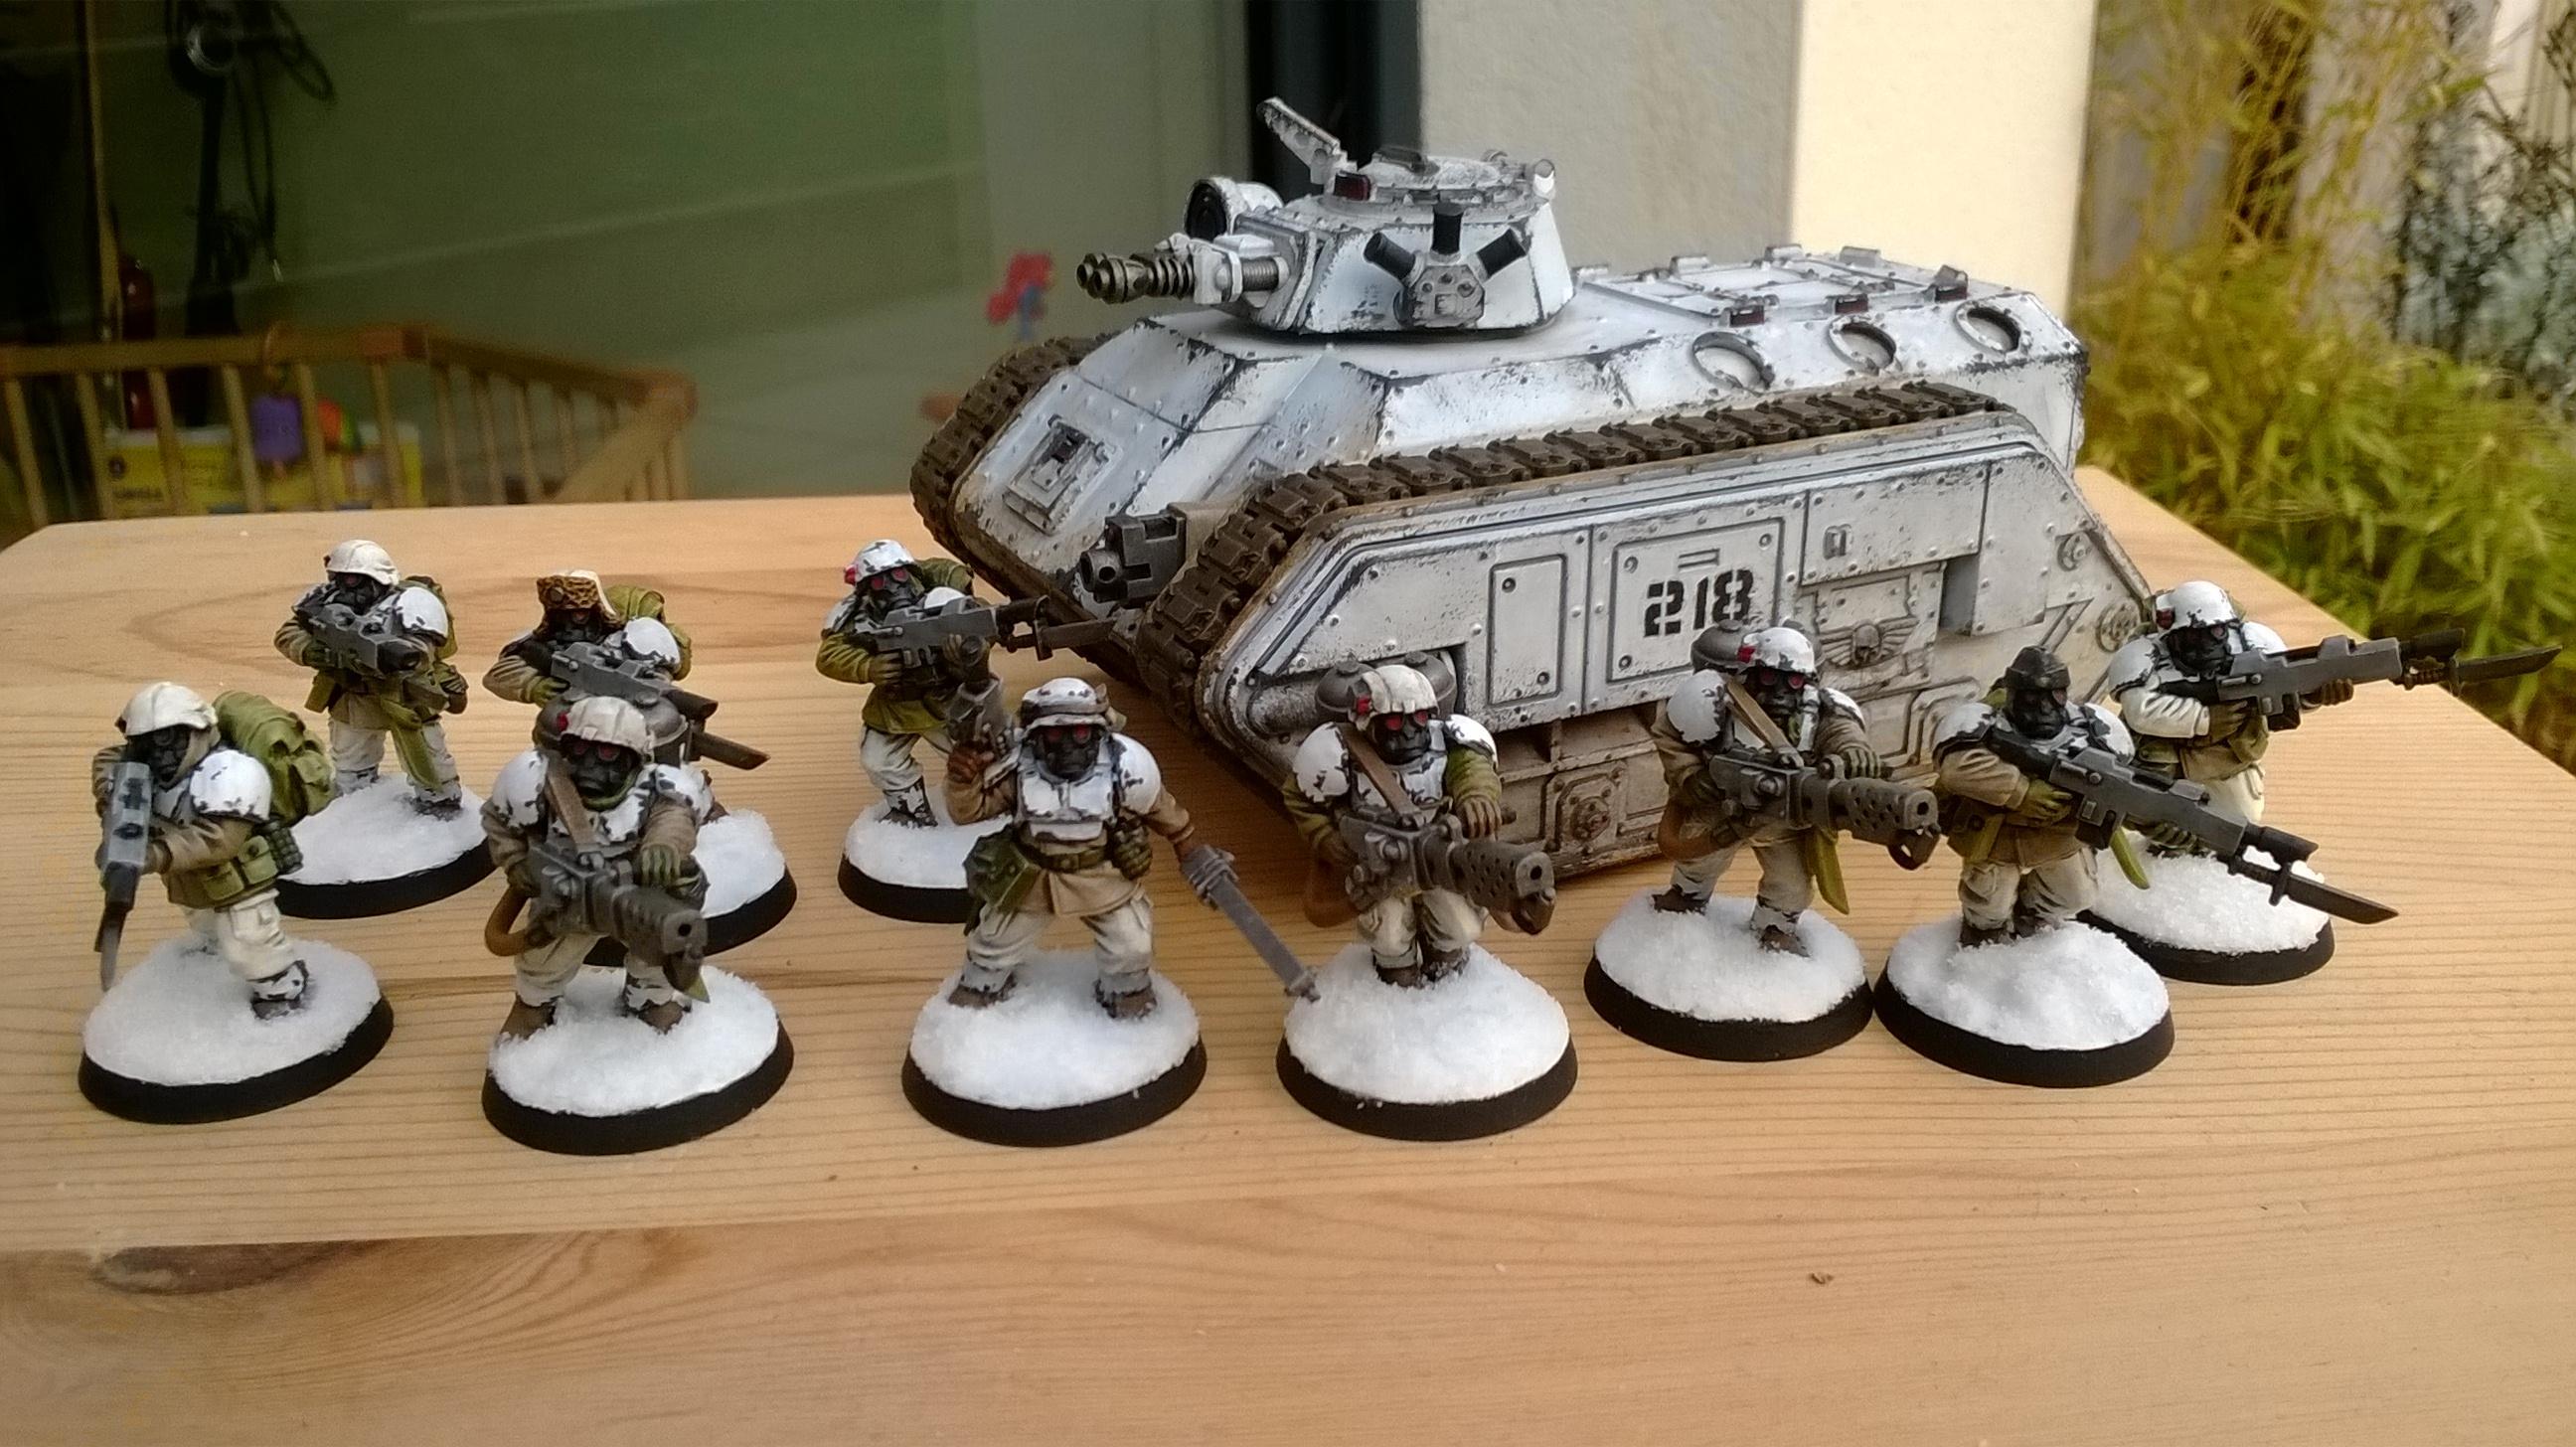 Astra Militarun, Veteran, Winter